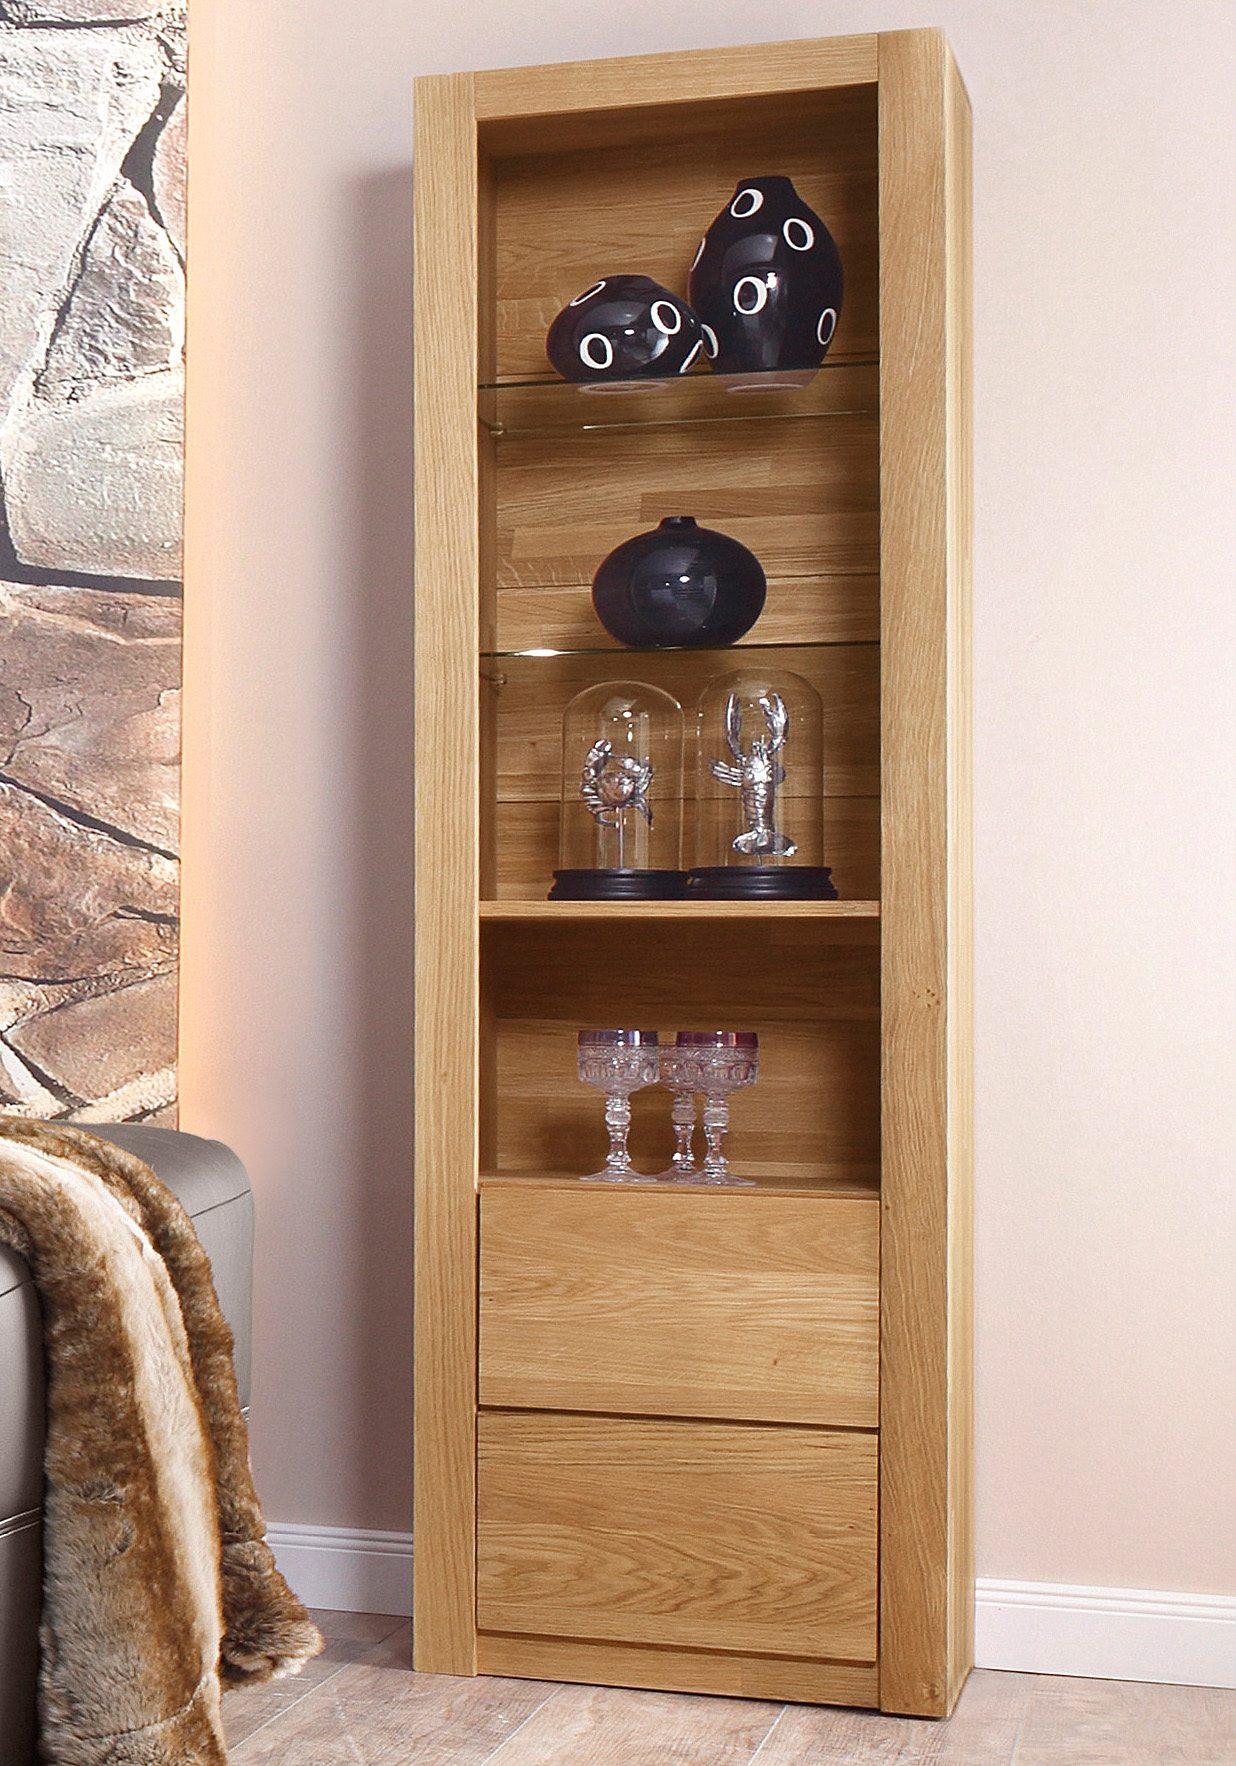 Vitrine, Premium collection by Home affaire, »Kreta«, Höhe 206 cm, vollmassiv aus Eiche